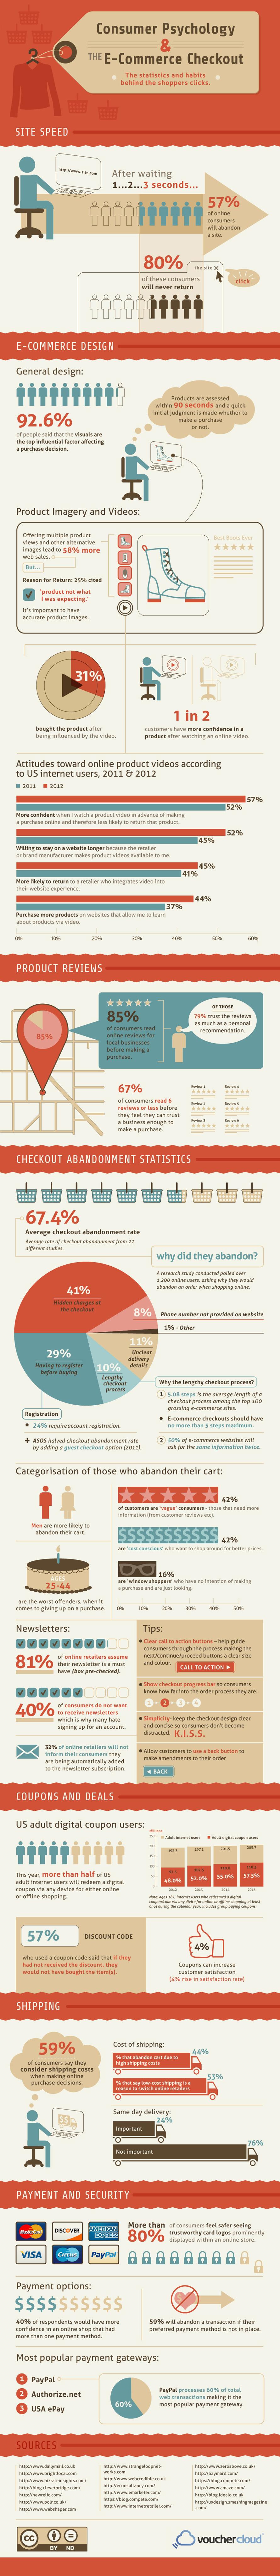 E-commerce la psychologie des internautes